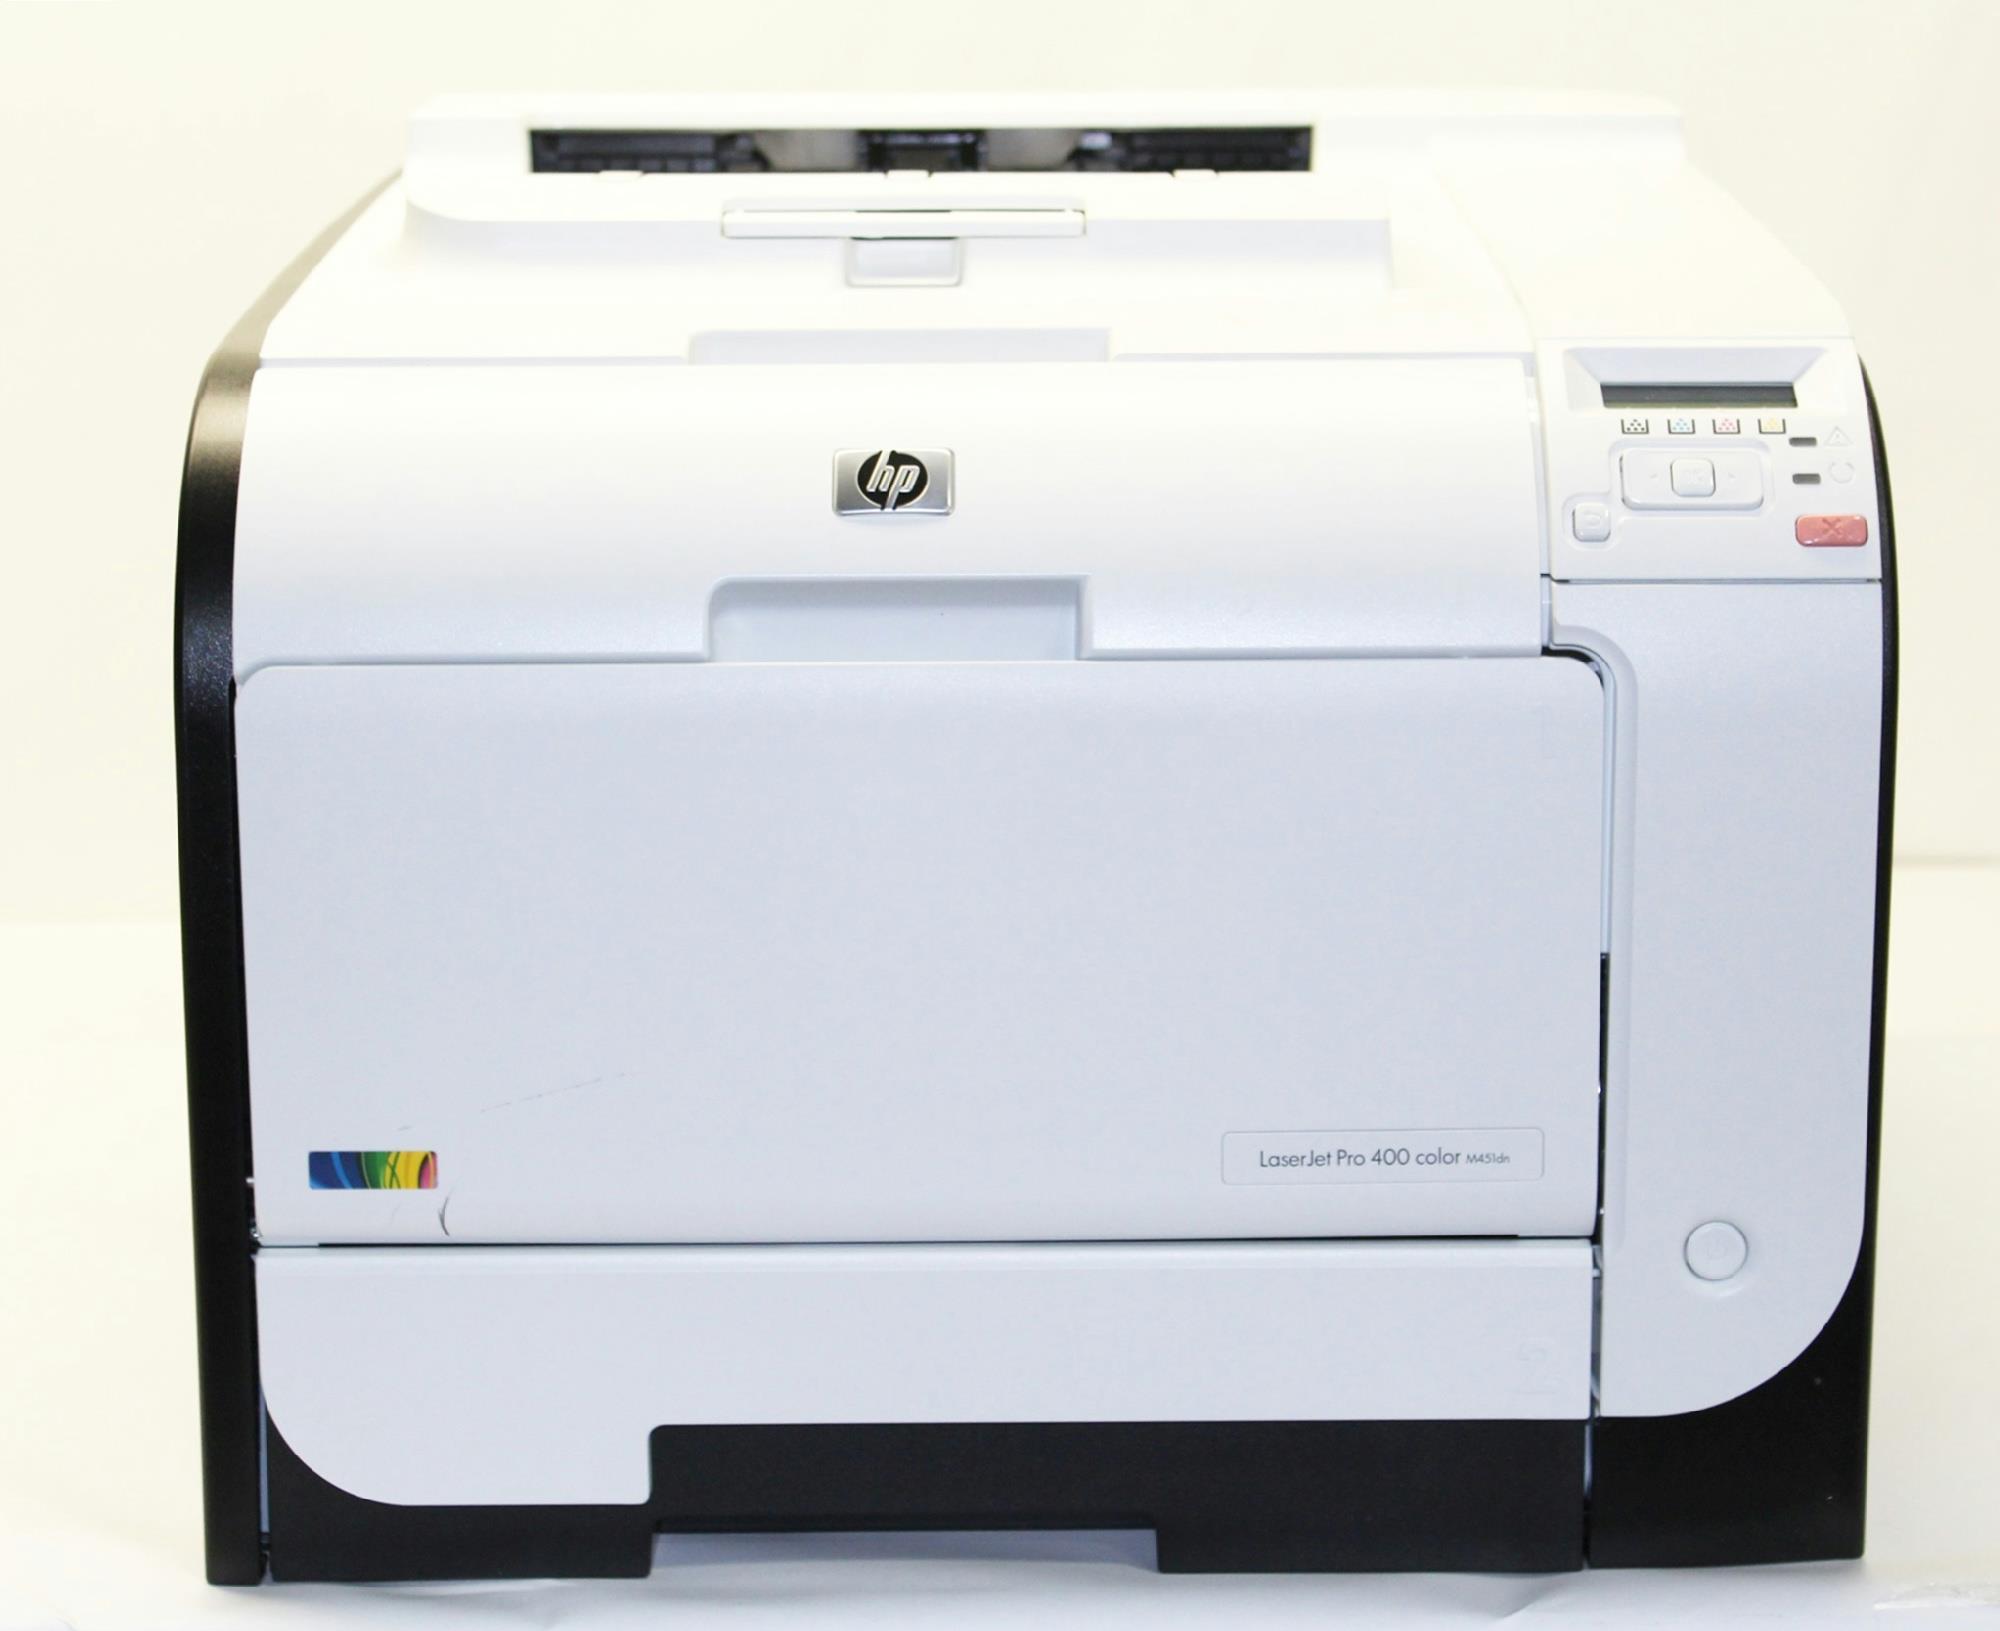 hp laserjet pro 400 m451dn printer ce957a bgj for parts. Black Bedroom Furniture Sets. Home Design Ideas